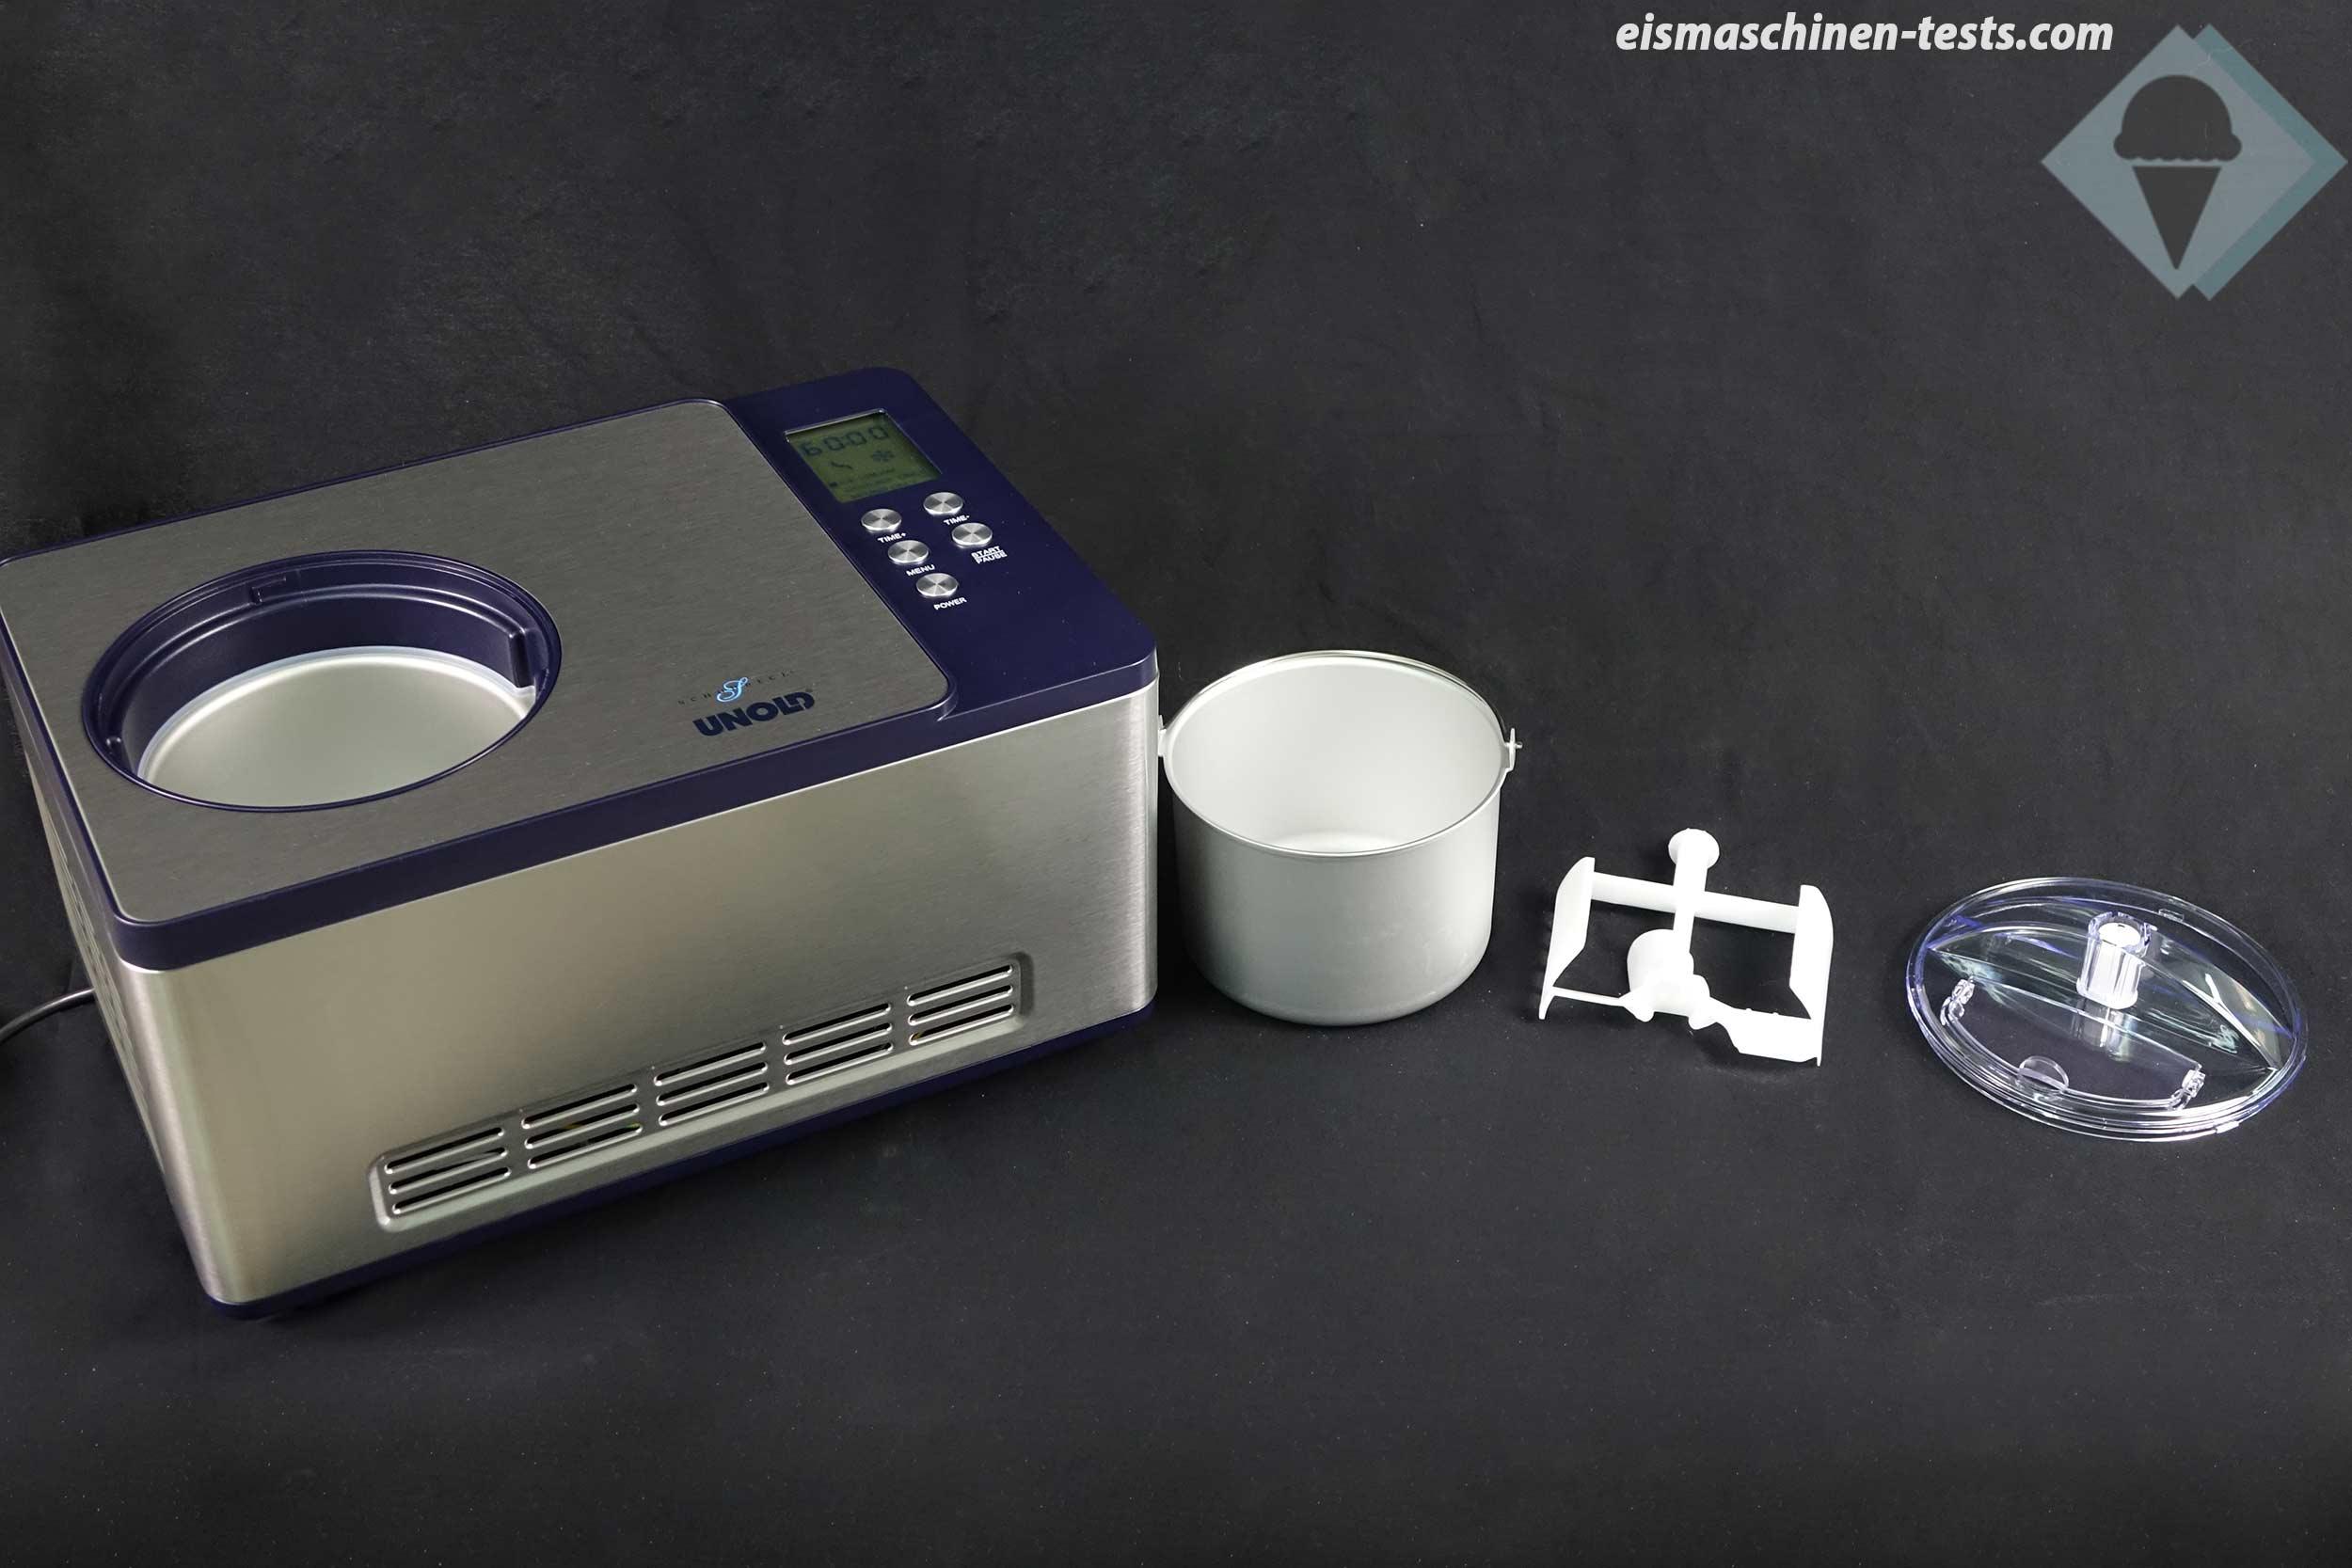 Produktbild-Unold-Schuhbeck-Eismaschine-LieferumfangTest-weit